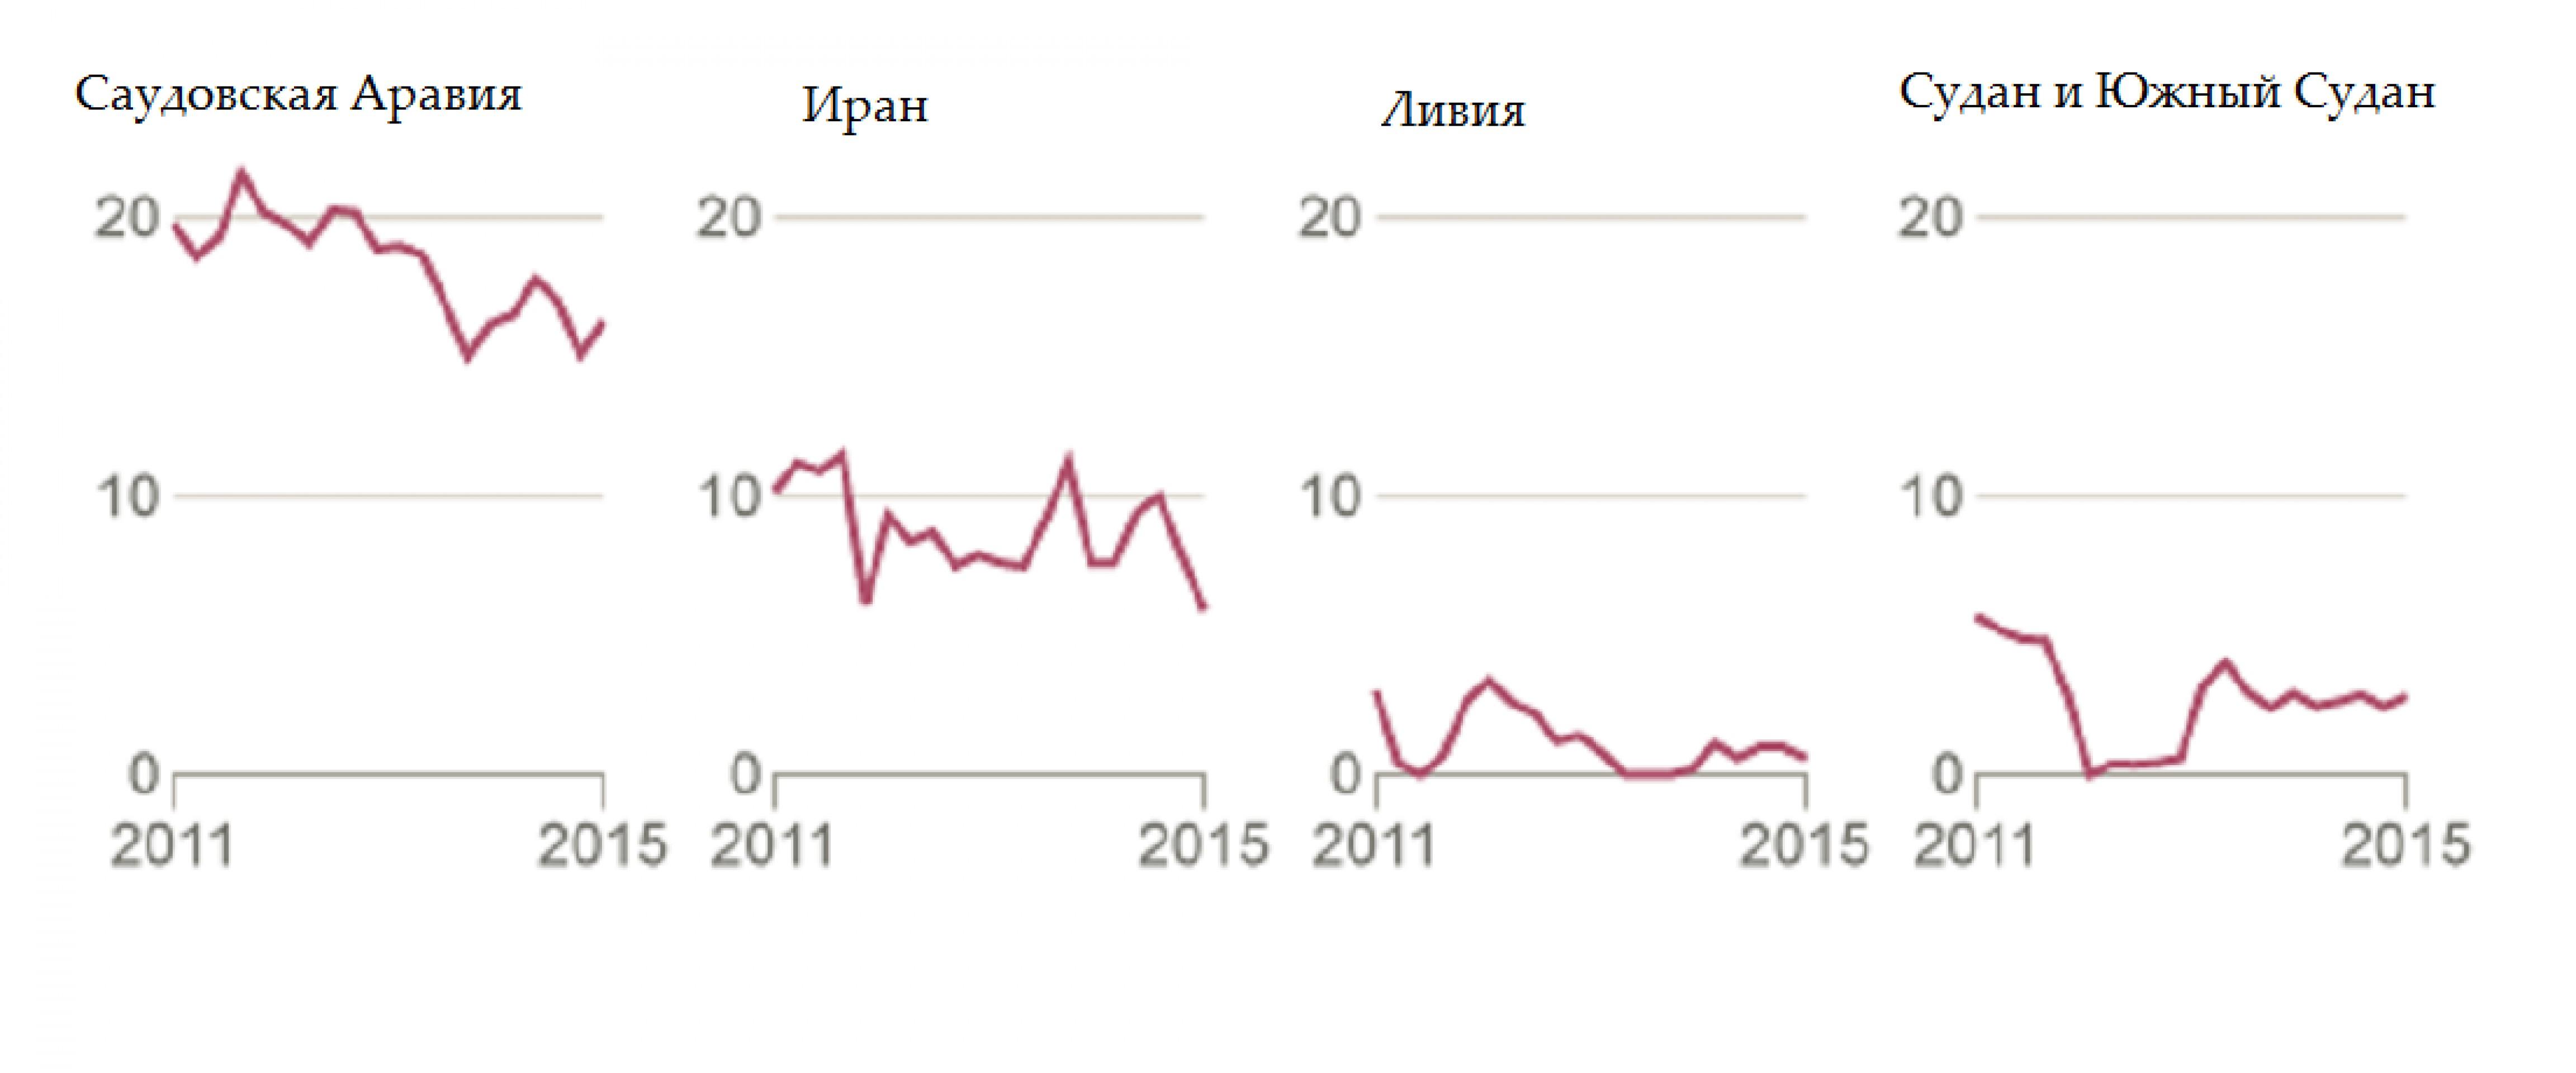 Как Китай сокращал зависимость от ОПЕК